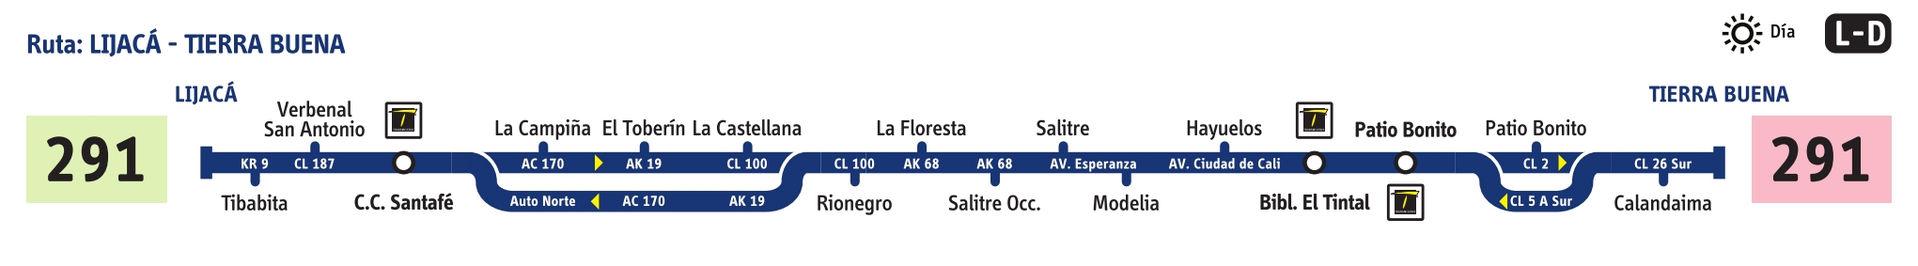 Ruta SITP: 291 Tierra Buena ↔ Lijacá [Urbana] 5